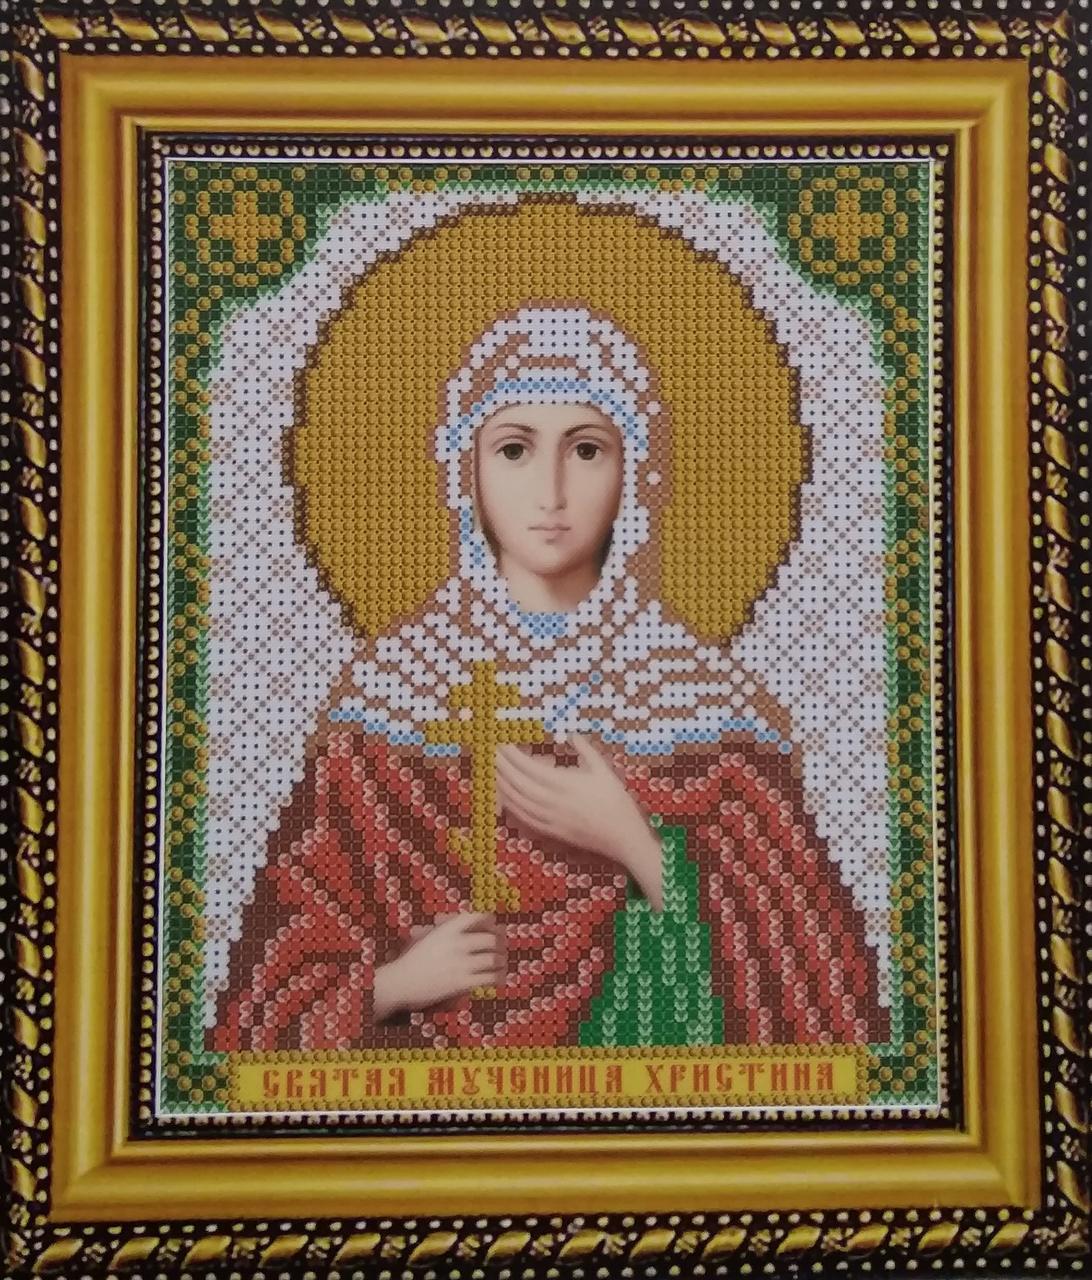 Набор для вышивки бисером ArtWork икона Святая Мученица Христина VIA 5095